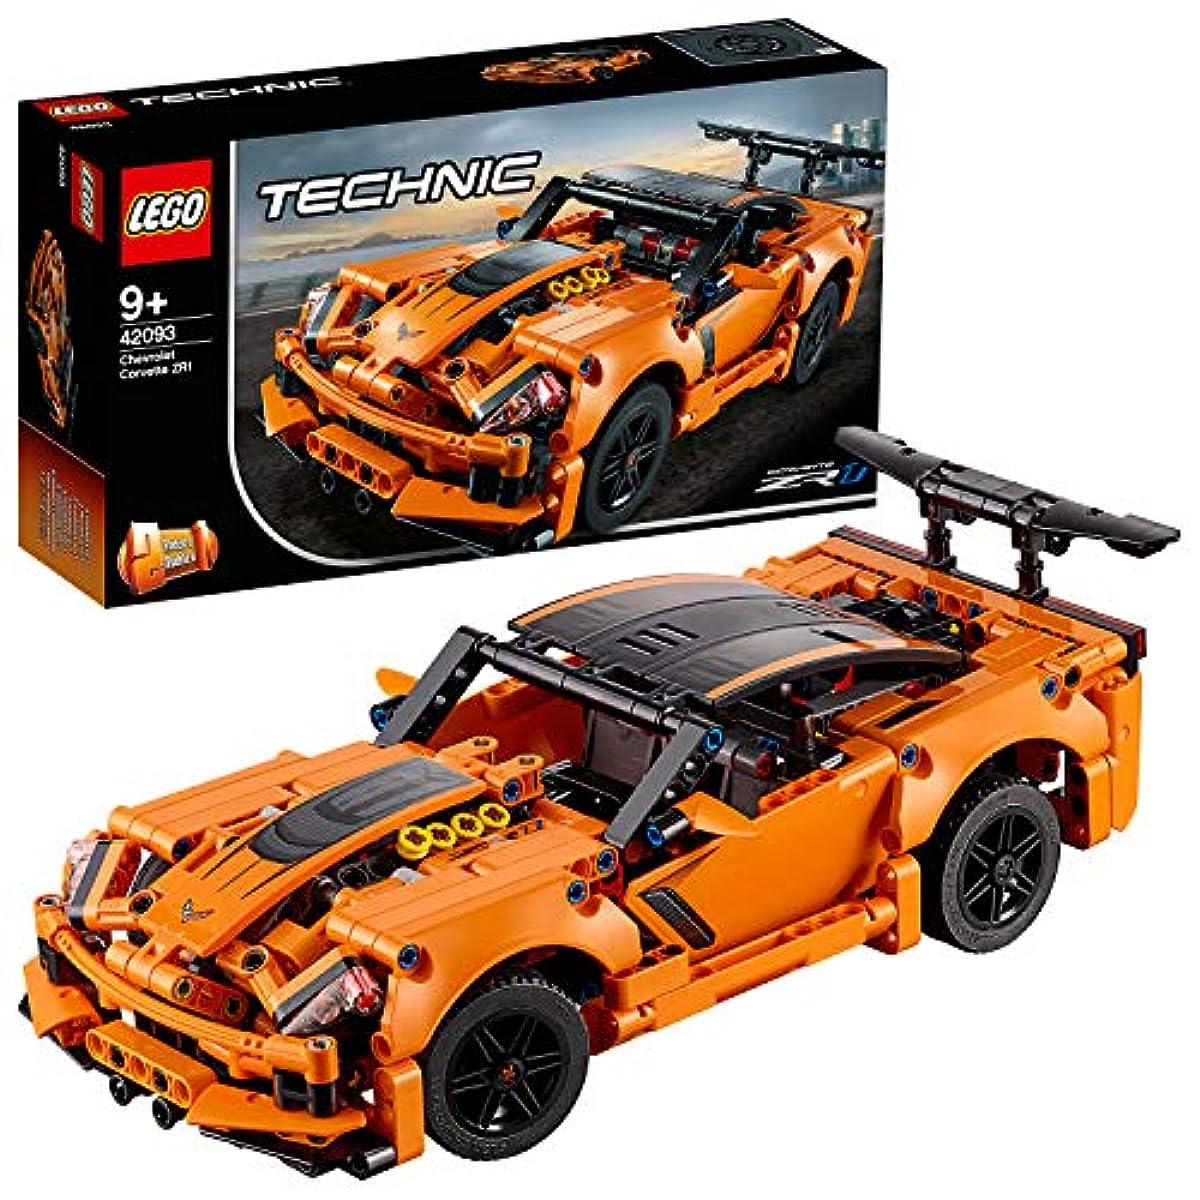 [해외] 레고(LEGO) 테크닉 시보레 코르벳 ZR1 42093 교육 완구 블럭 장난감 사내 아이차